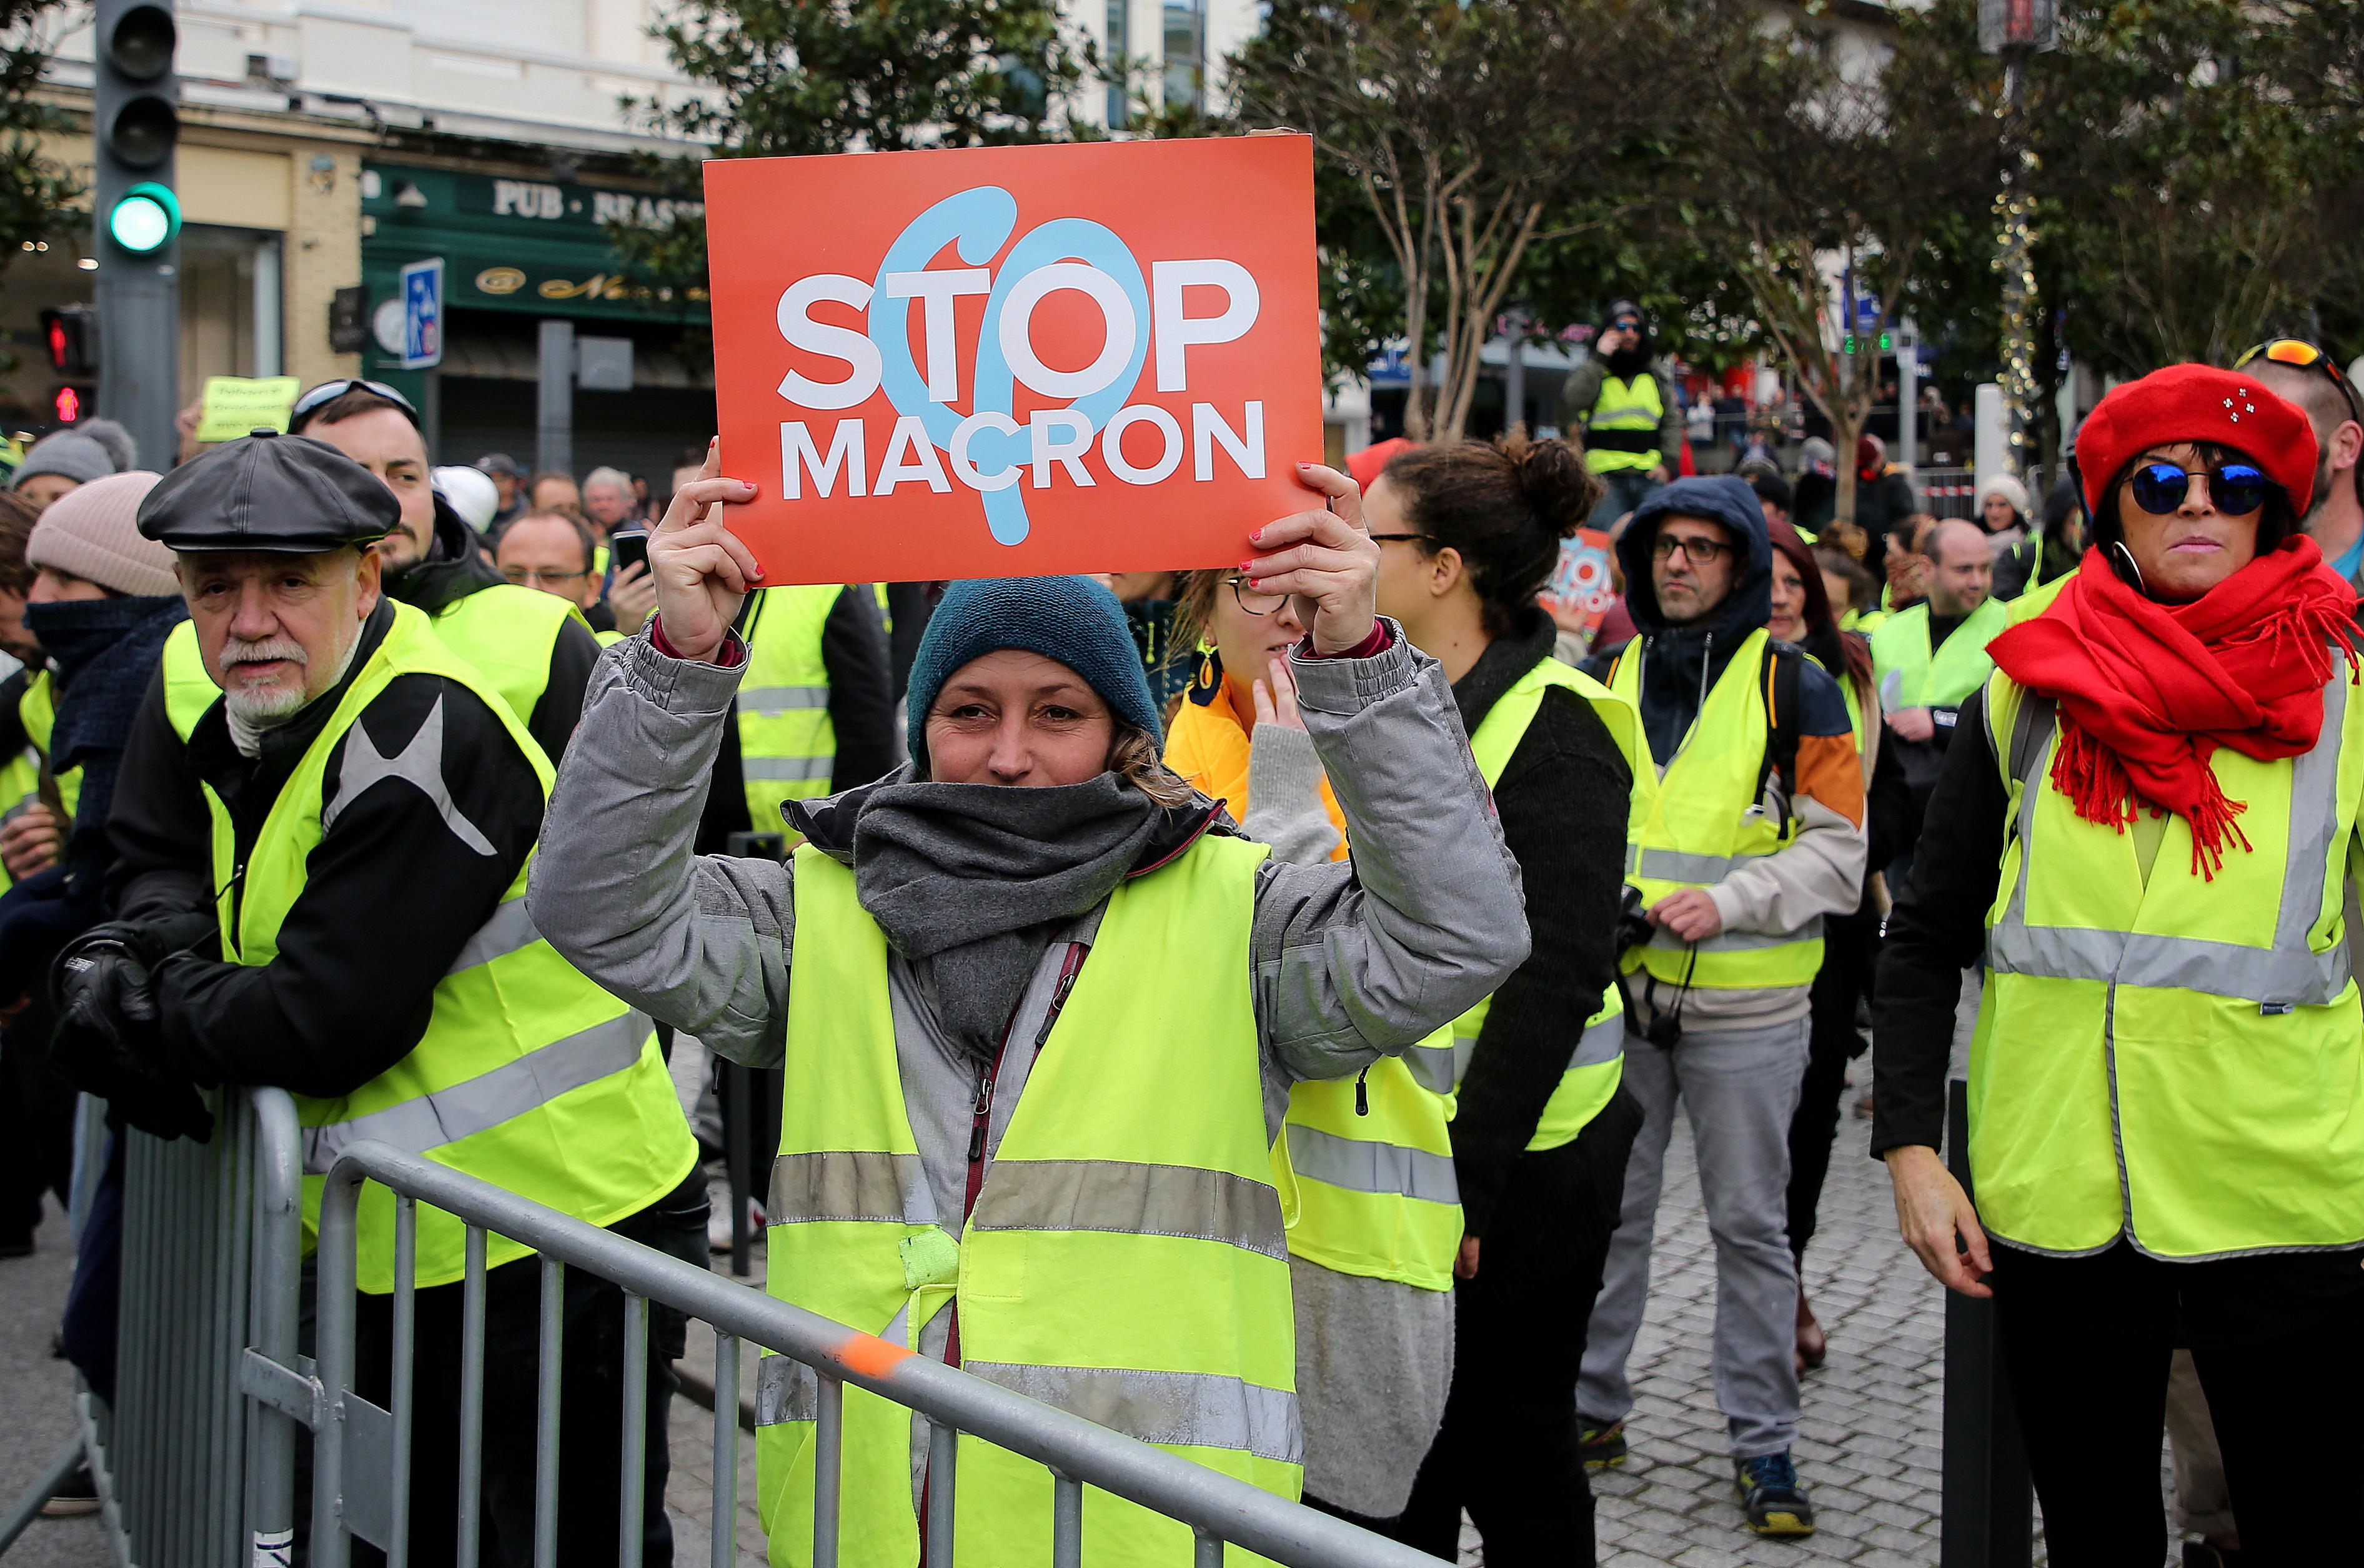 La rivolta dei gilet gialli: dalla carbon-tax al dissenso verso Macron